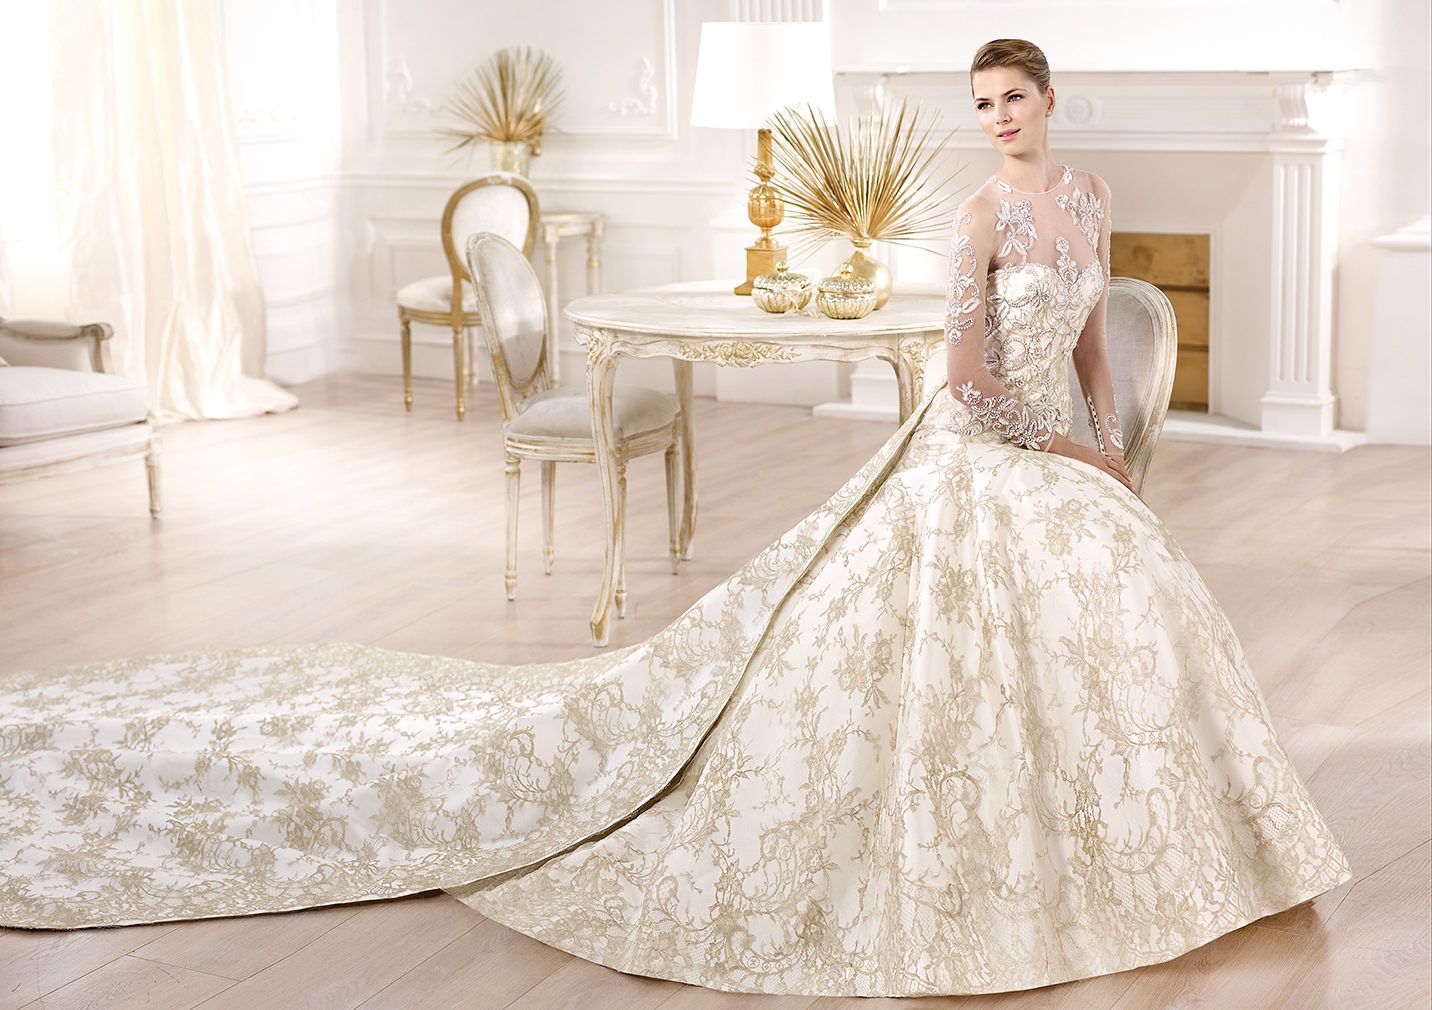 Tendance quelques touches dor es sur ma robe de mari e for Feuille de piano robe de mariage